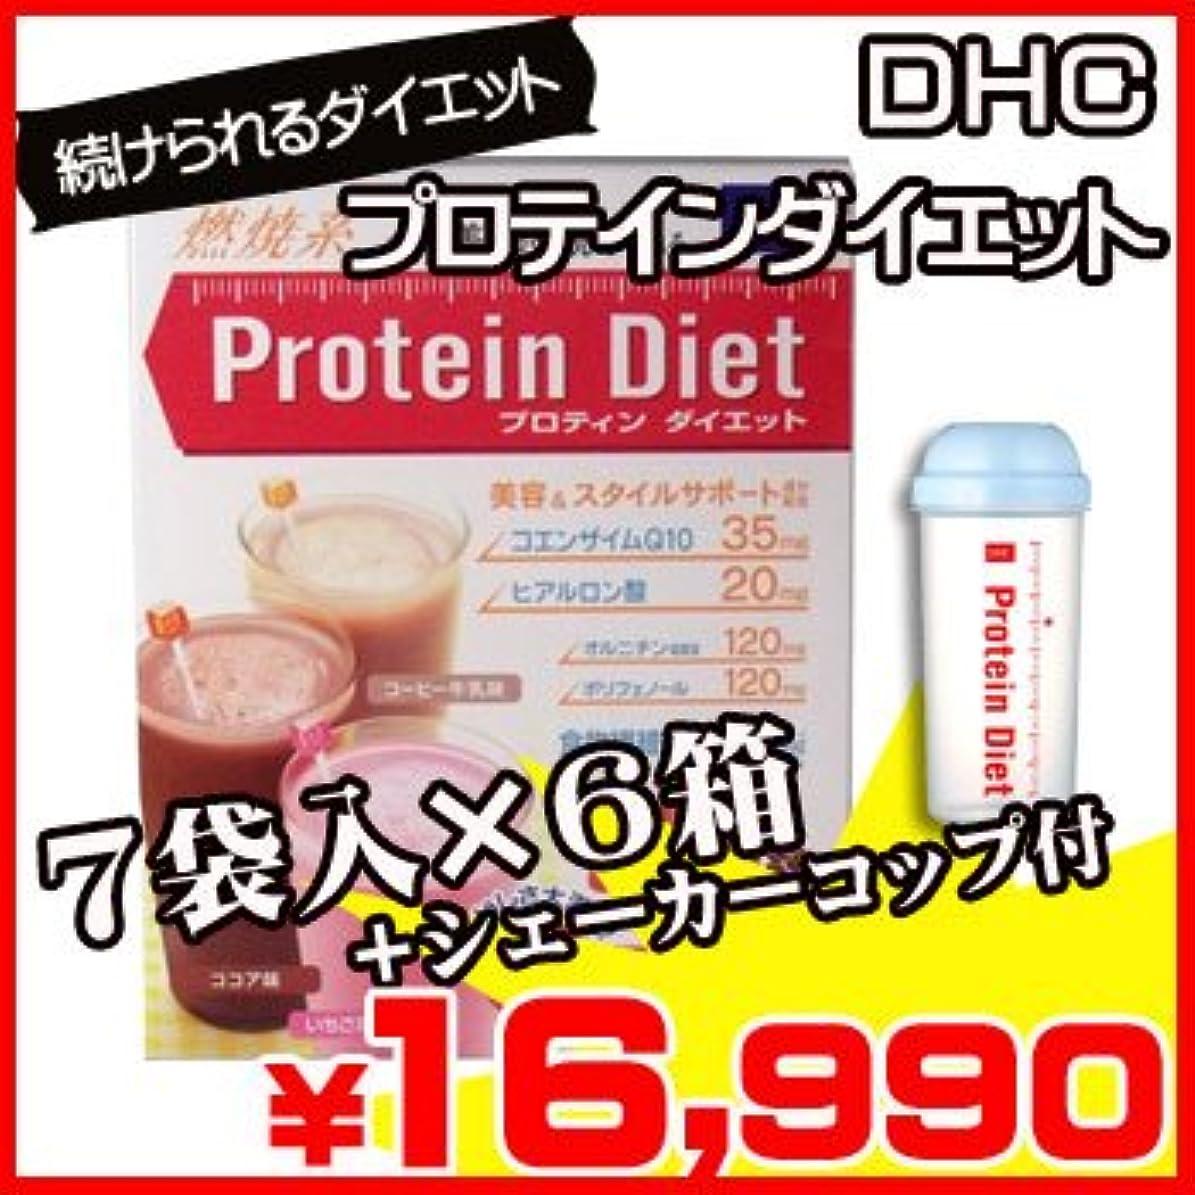 粘着性急ぐ小麦粉DHC プロティンダイエット 7袋入×6箱 シェーカー コップ付セット(プロティンダイエット開始セット)